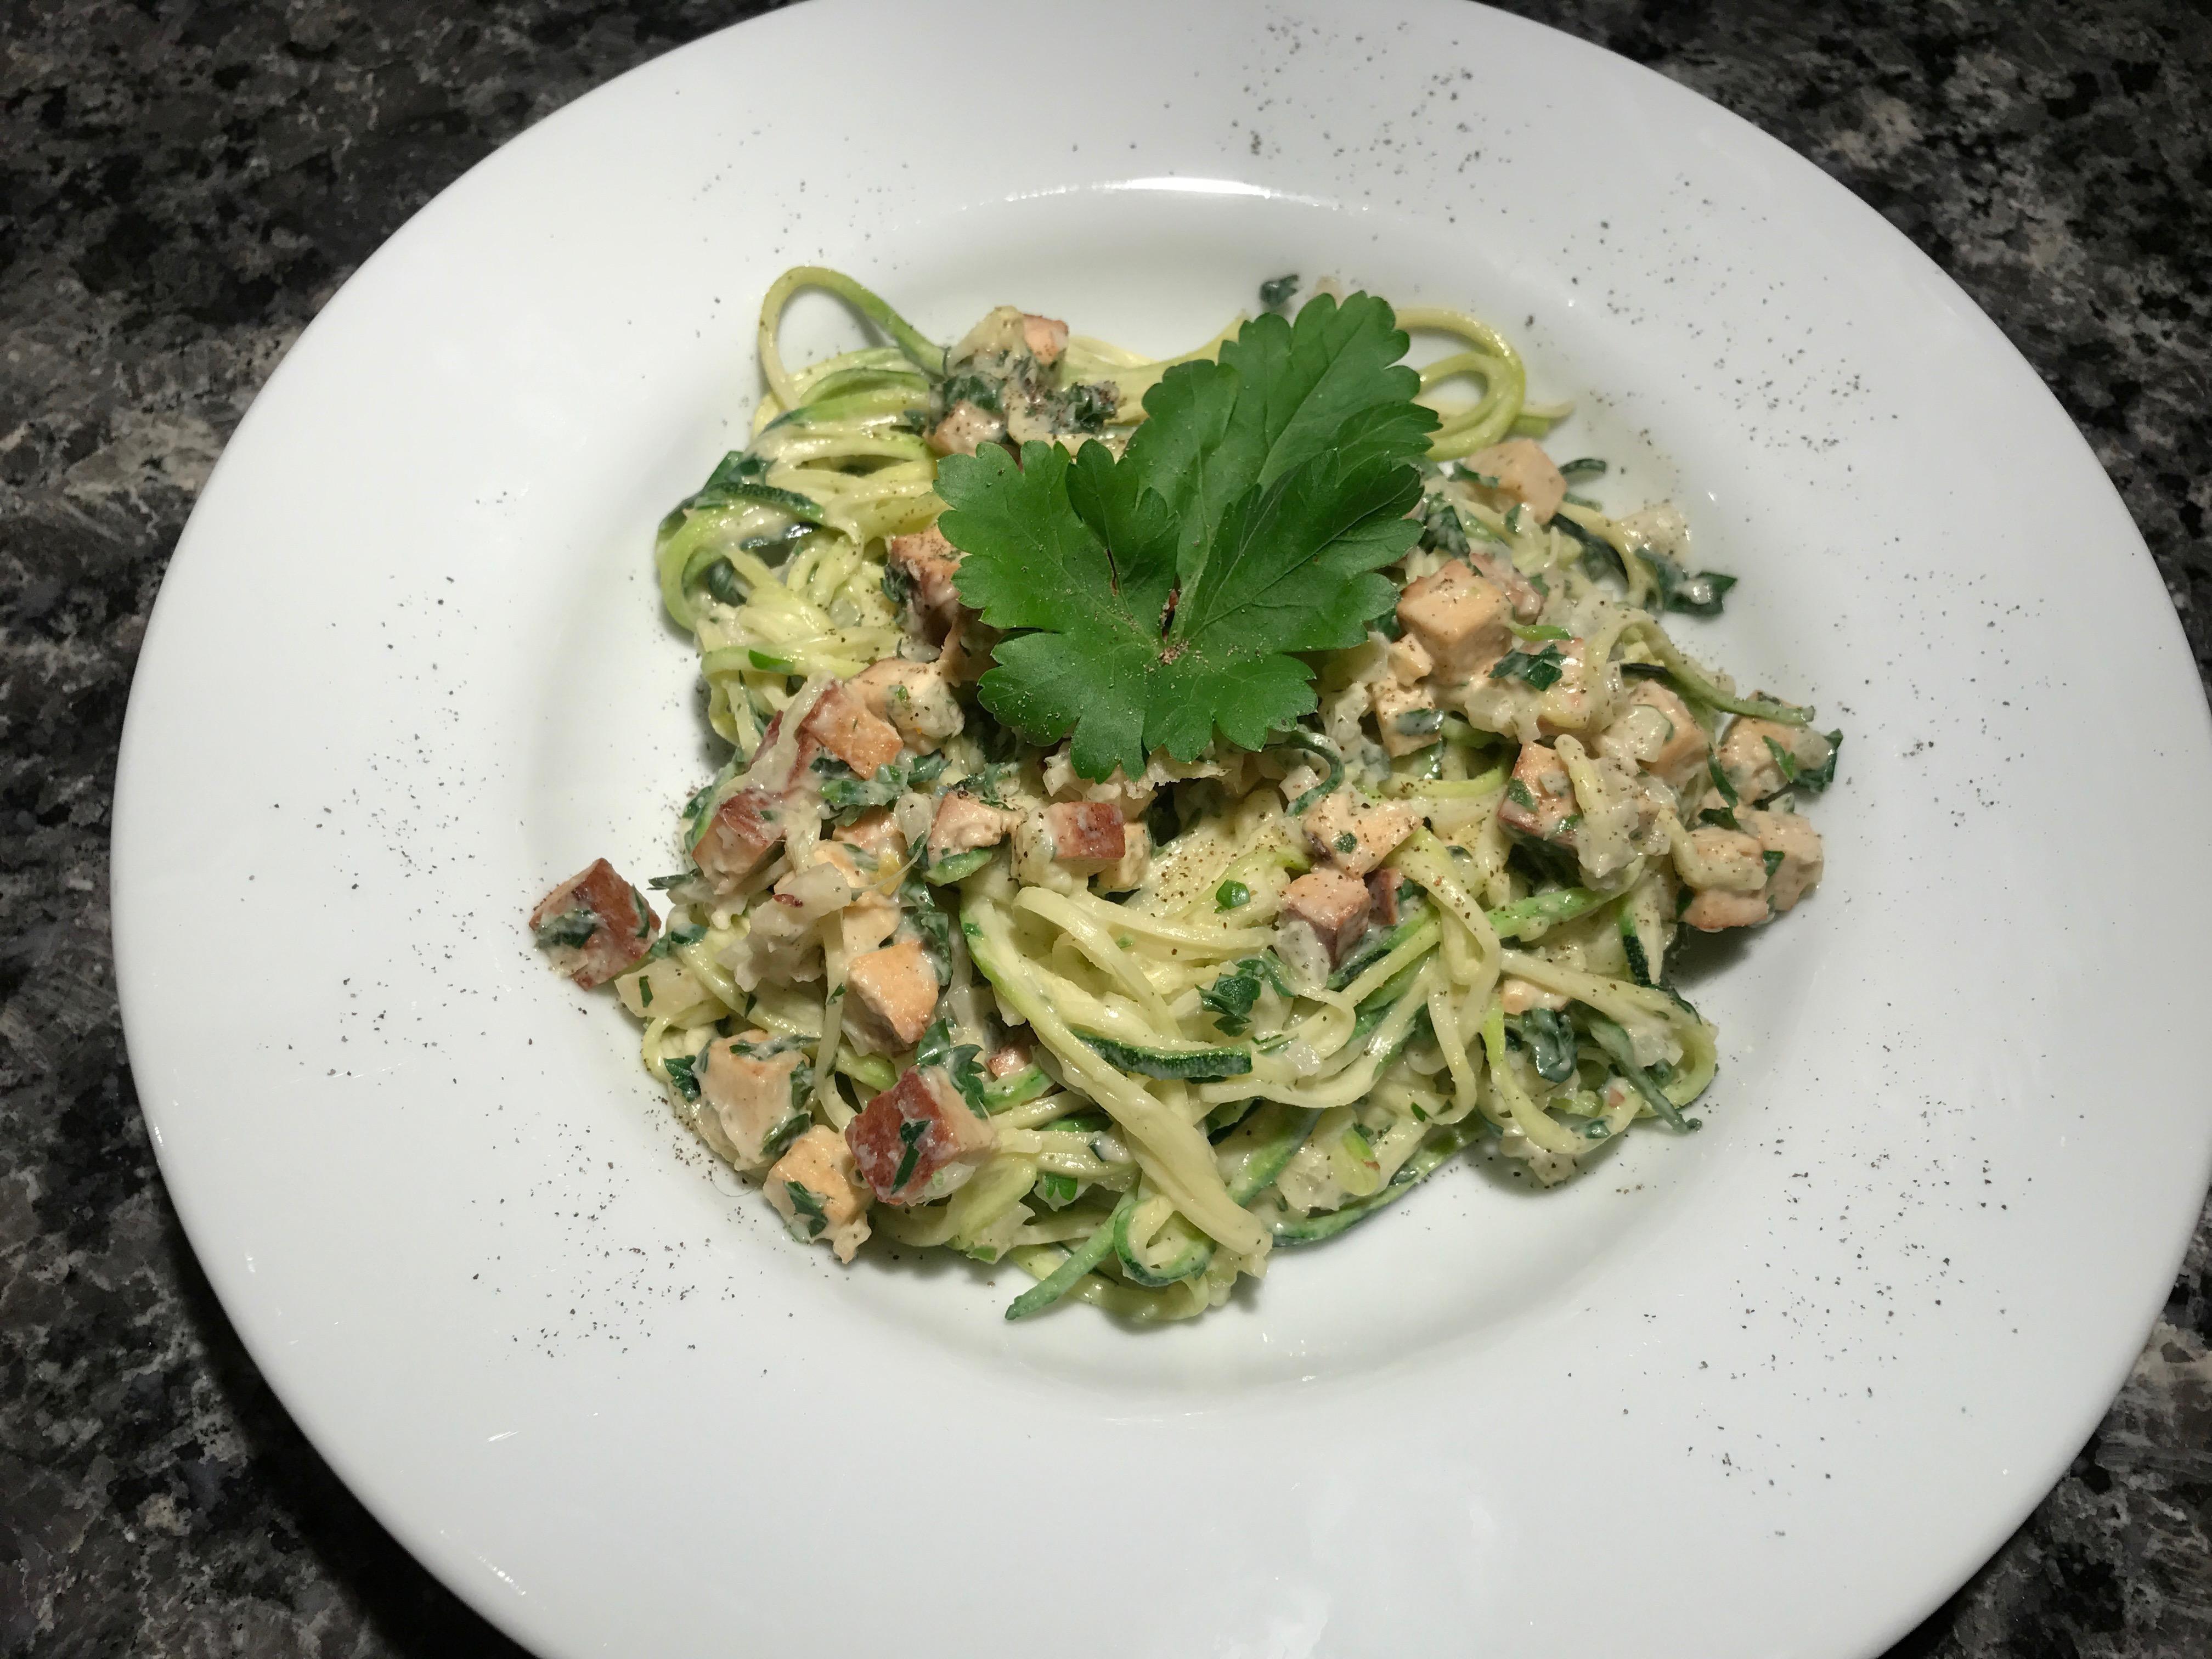 Zucchini-Spaghetti alla Carbonara